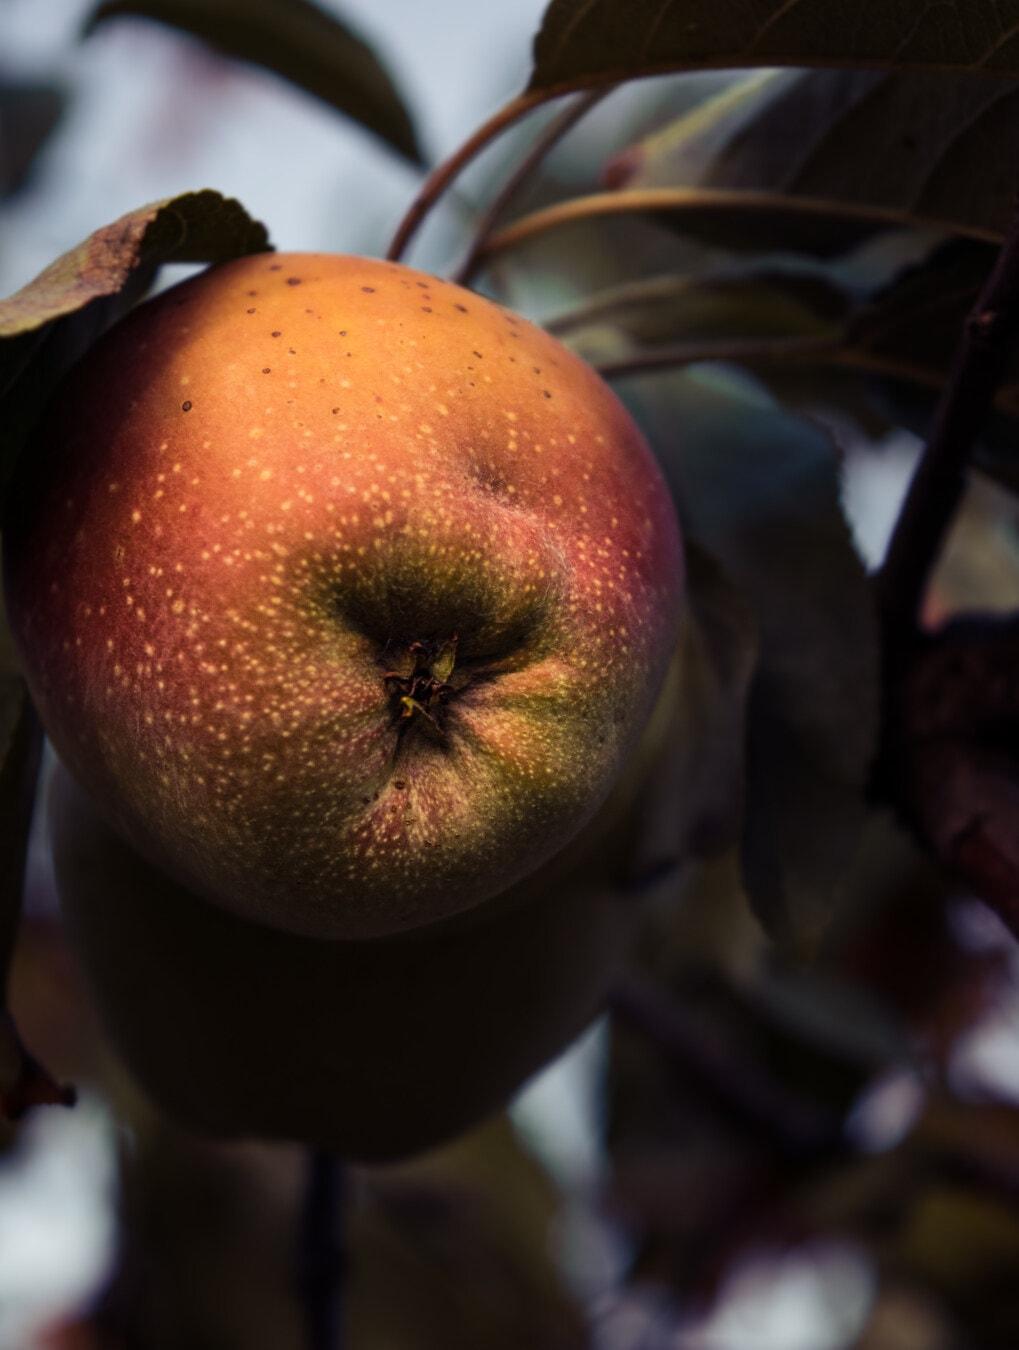 owoce, drzewo owocowe, jabłko, Jabłoń, oddziały, cień, Rolnictwo, produktu, organiczne, świeży